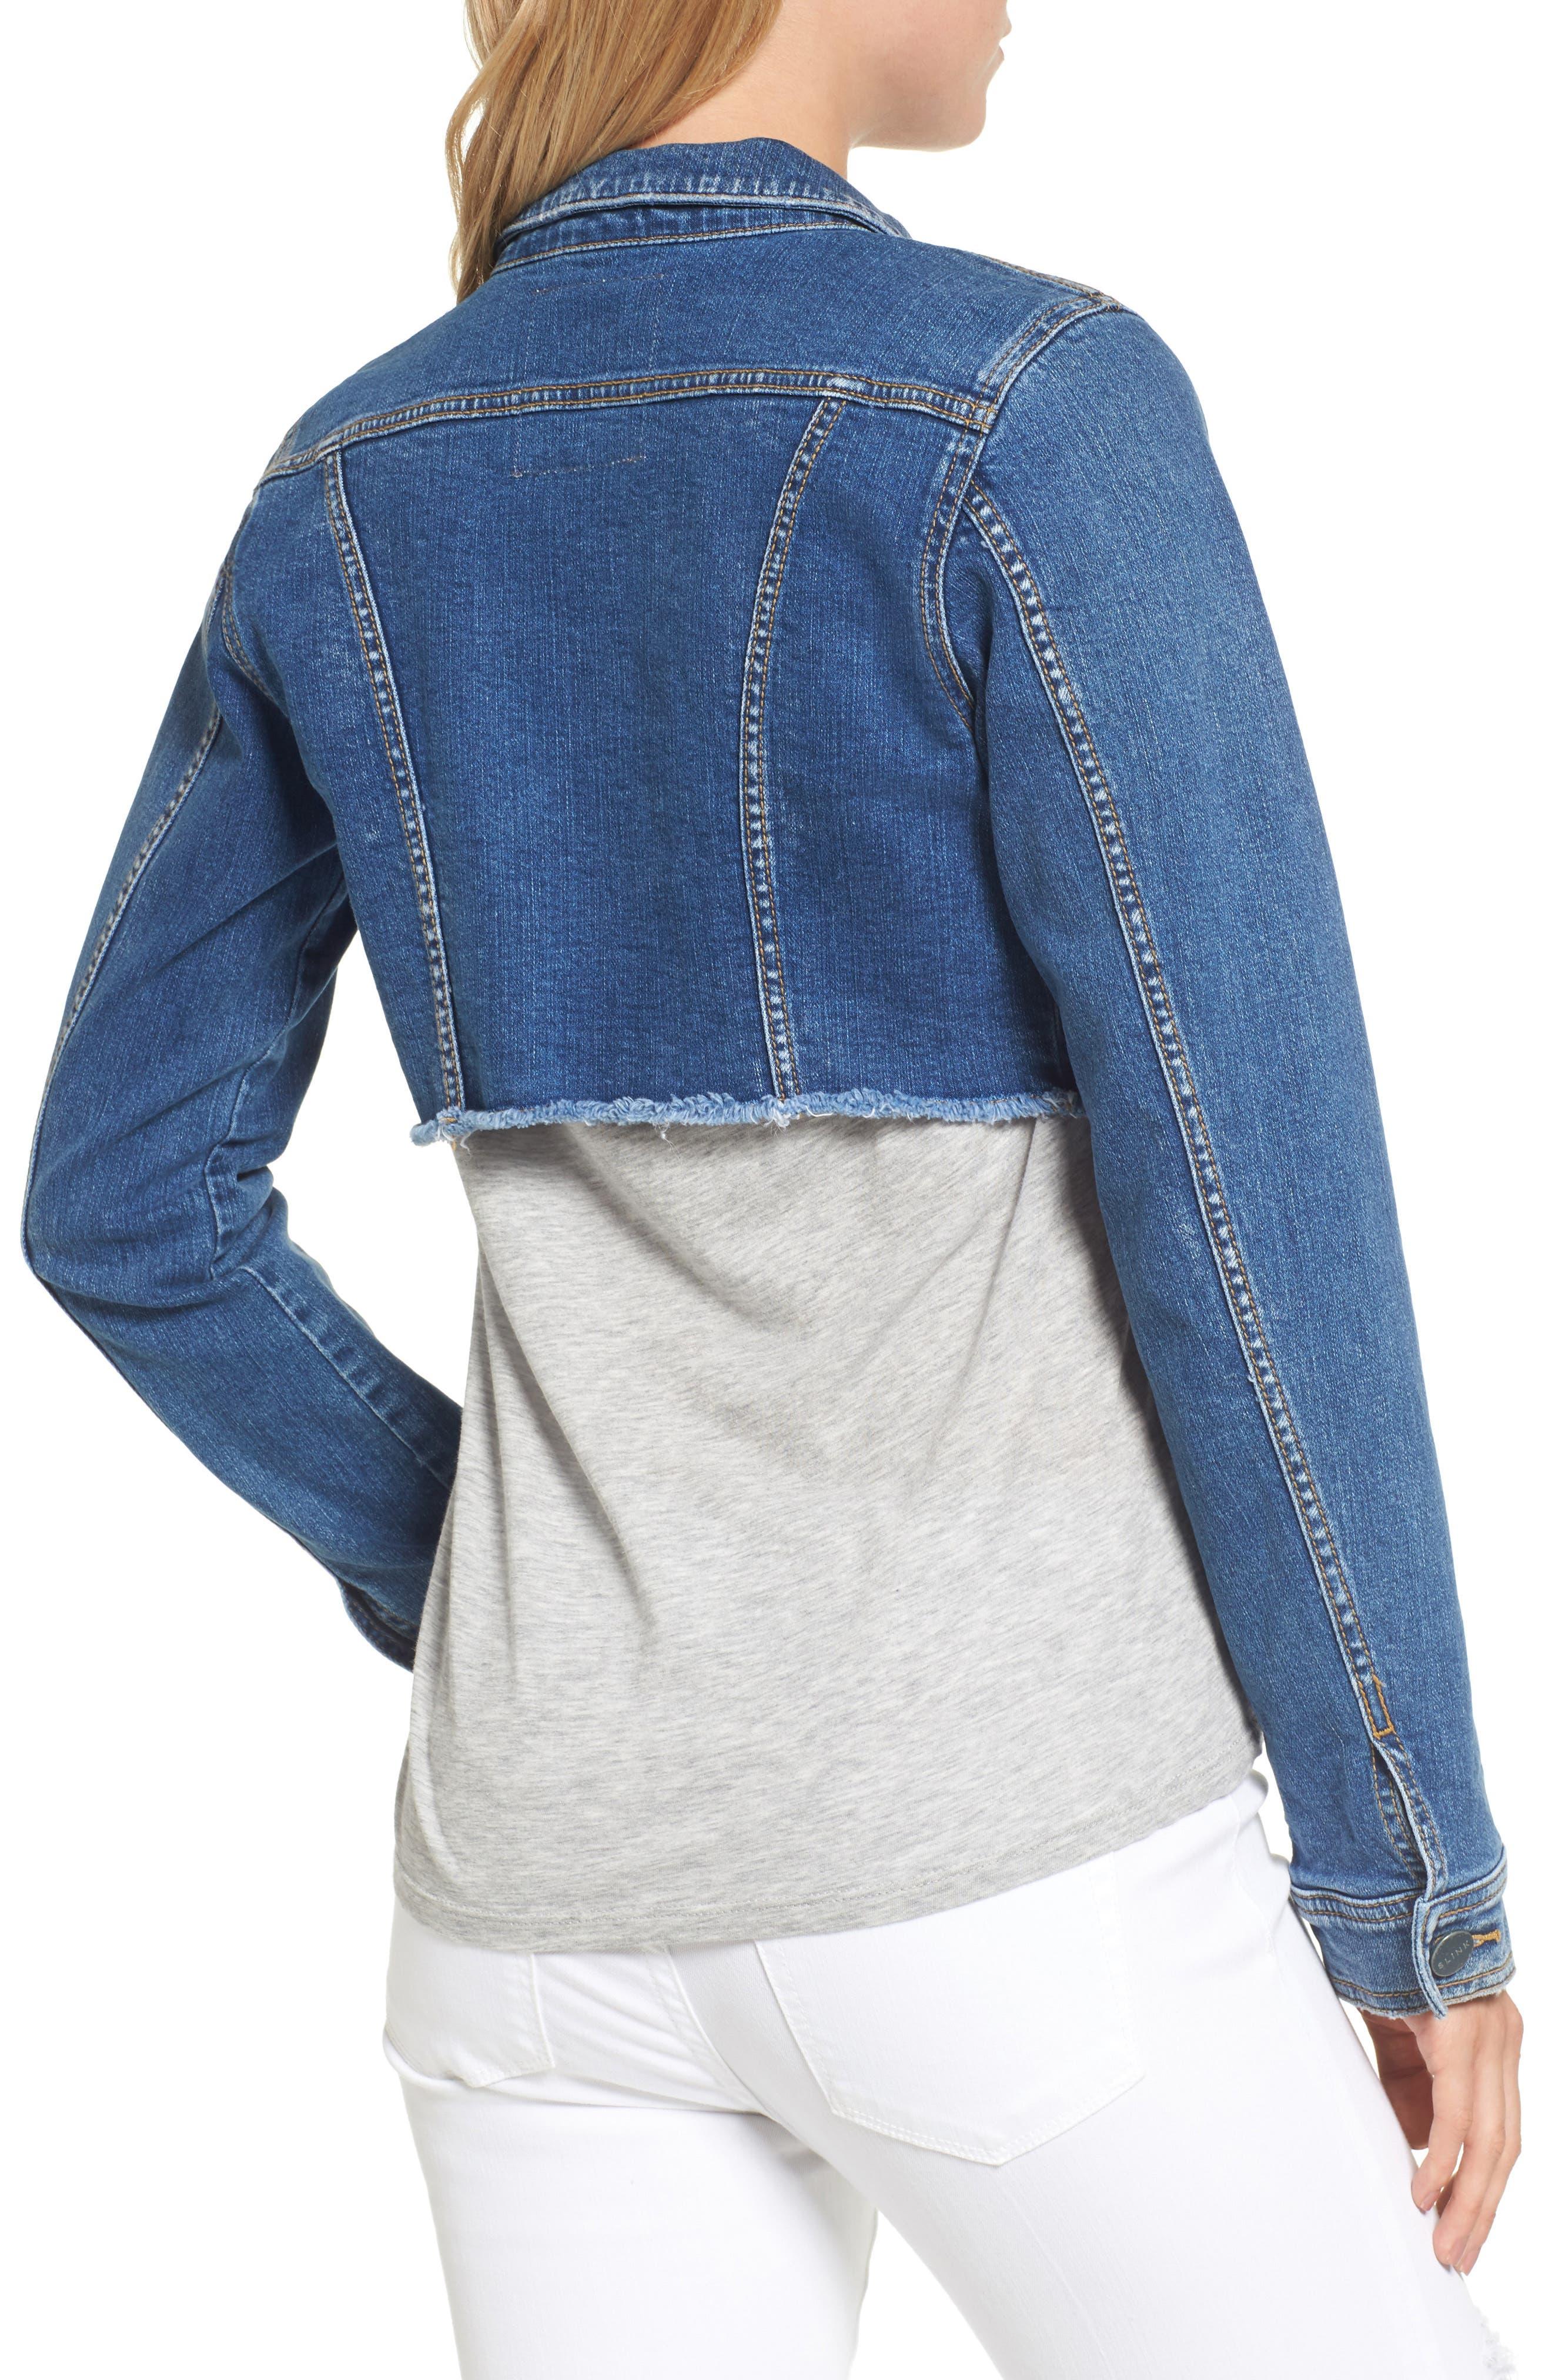 SLINK JEANS, Fray Crop Jacket, Alternate thumbnail 2, color, 495